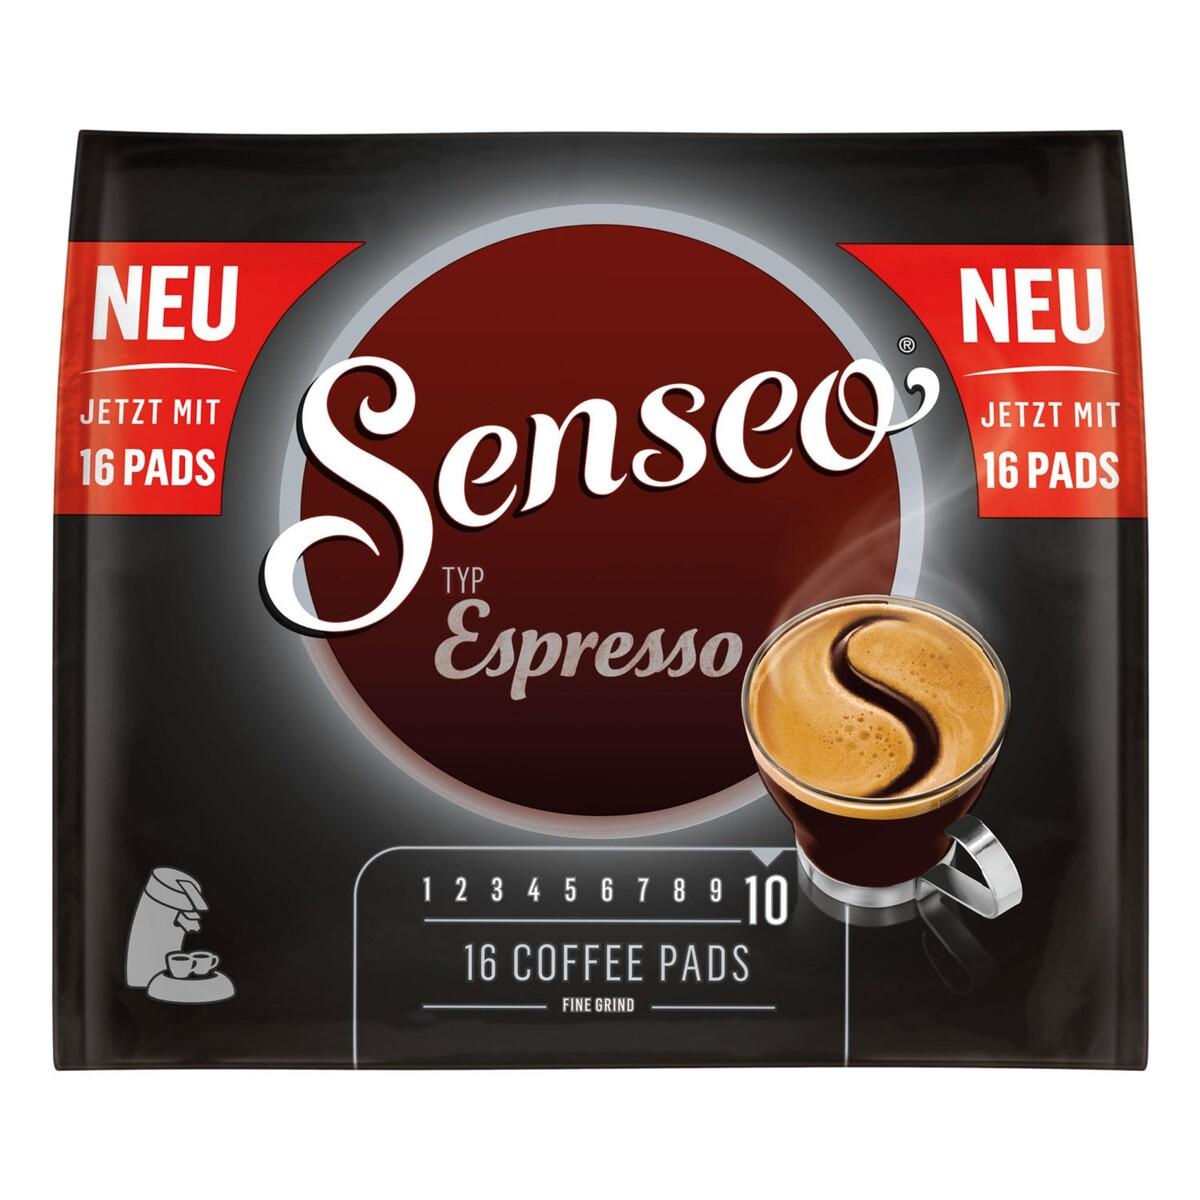 Bild 1 von Senseo Typ Espresso, Kaffeepads, Aromatisch und Vollmundig, Röstkaffee, Kaffee, 16 Pads